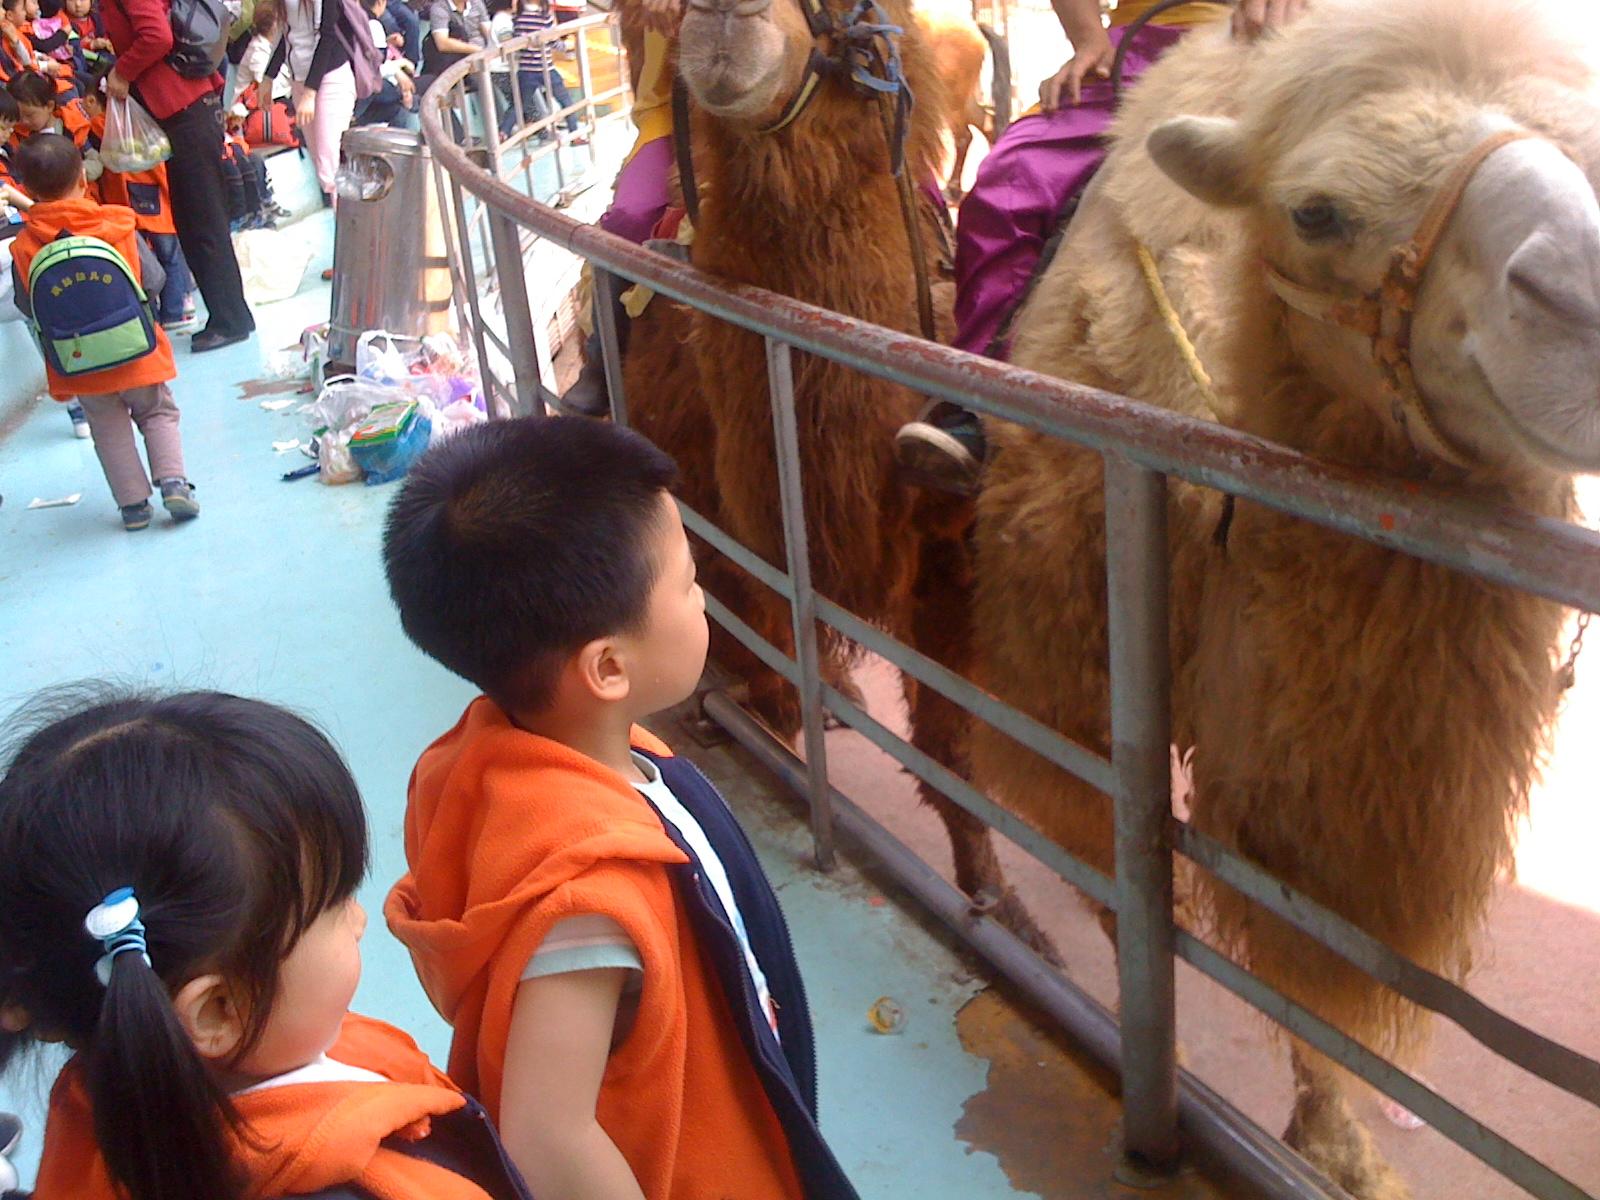 一天的活动在孩子们的欢声笑语中很快就结束了,通过这次参观动物园的